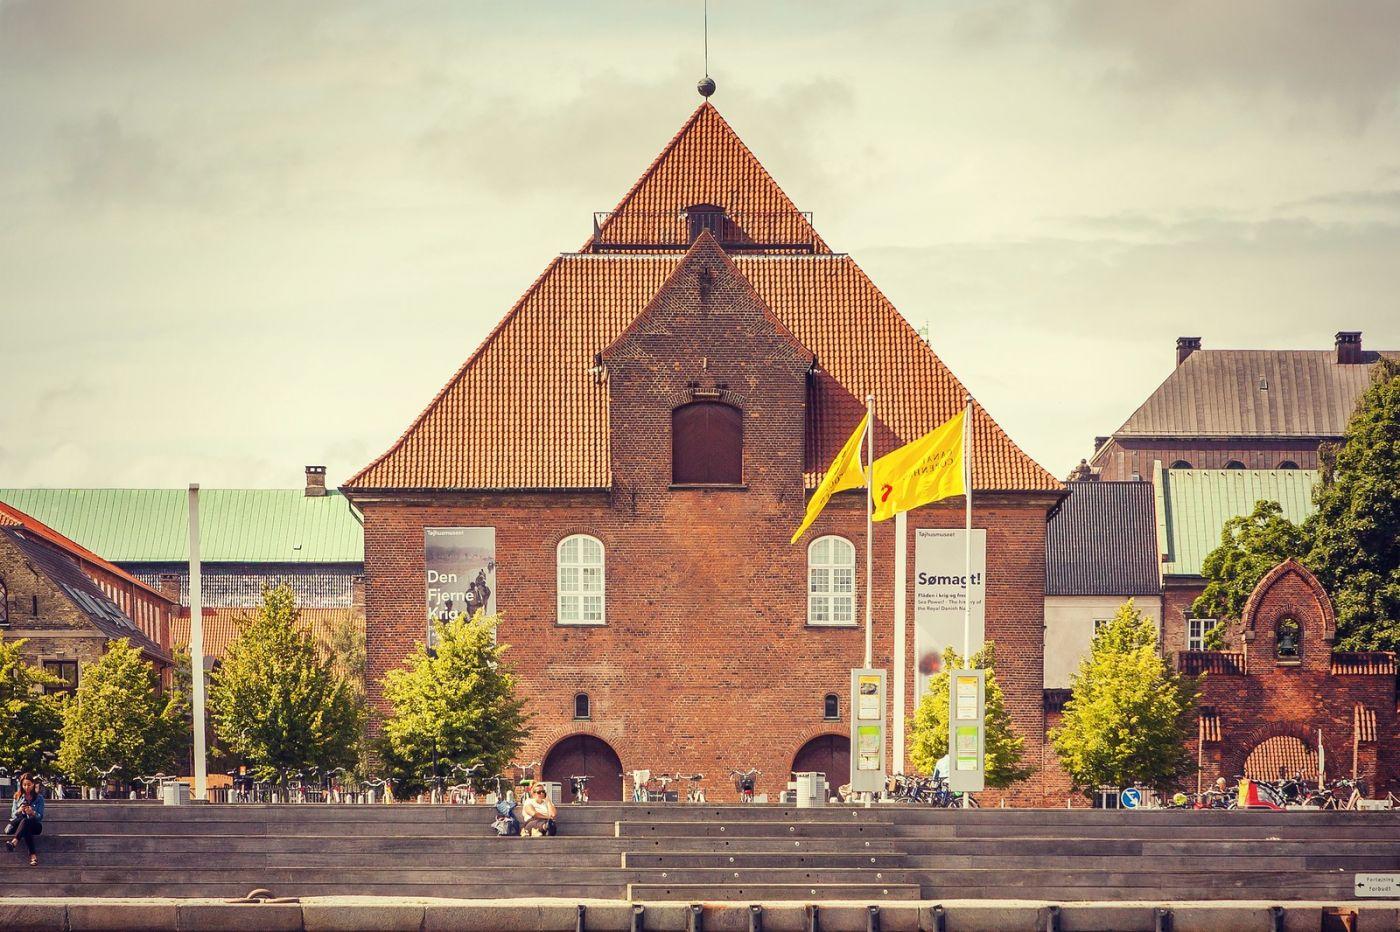 丹麦哥本哈根,新旧融合的城市_图1-17